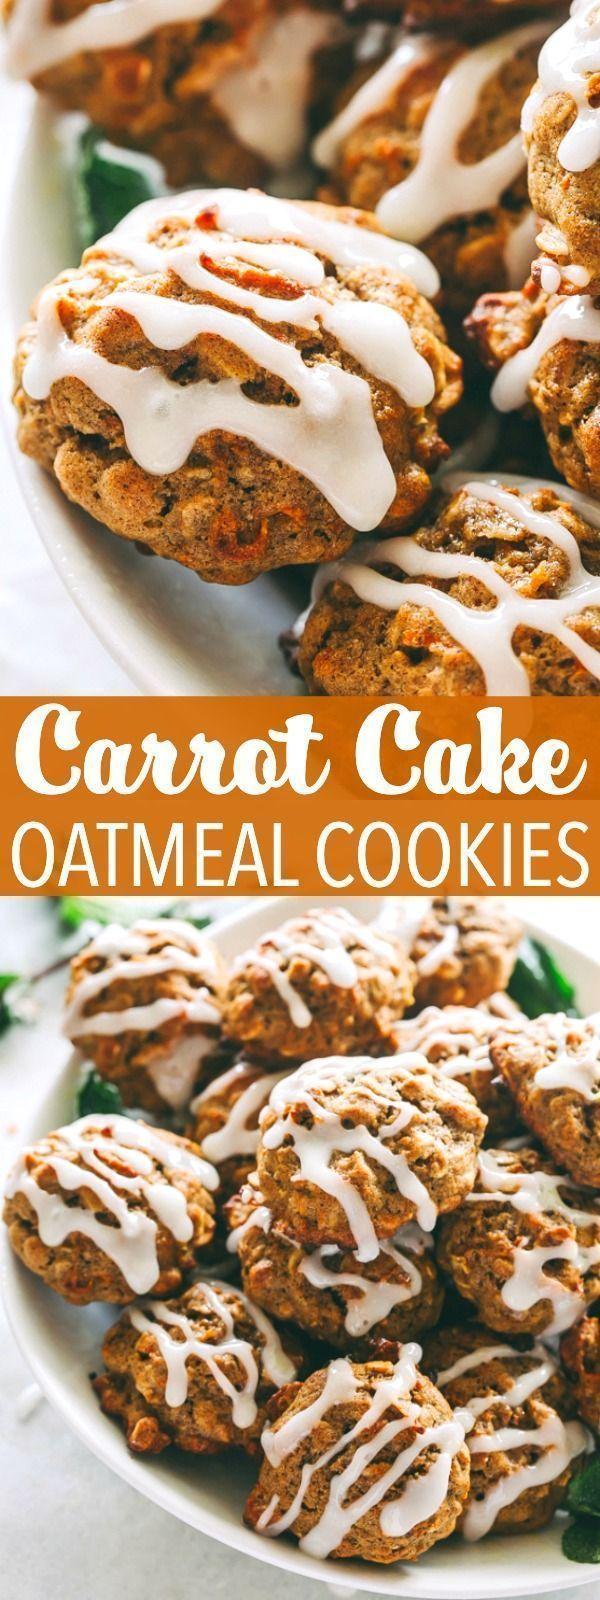 Carrot Cake Oatmeal Cookies | Healthy Oatmeal Cookies Recipe